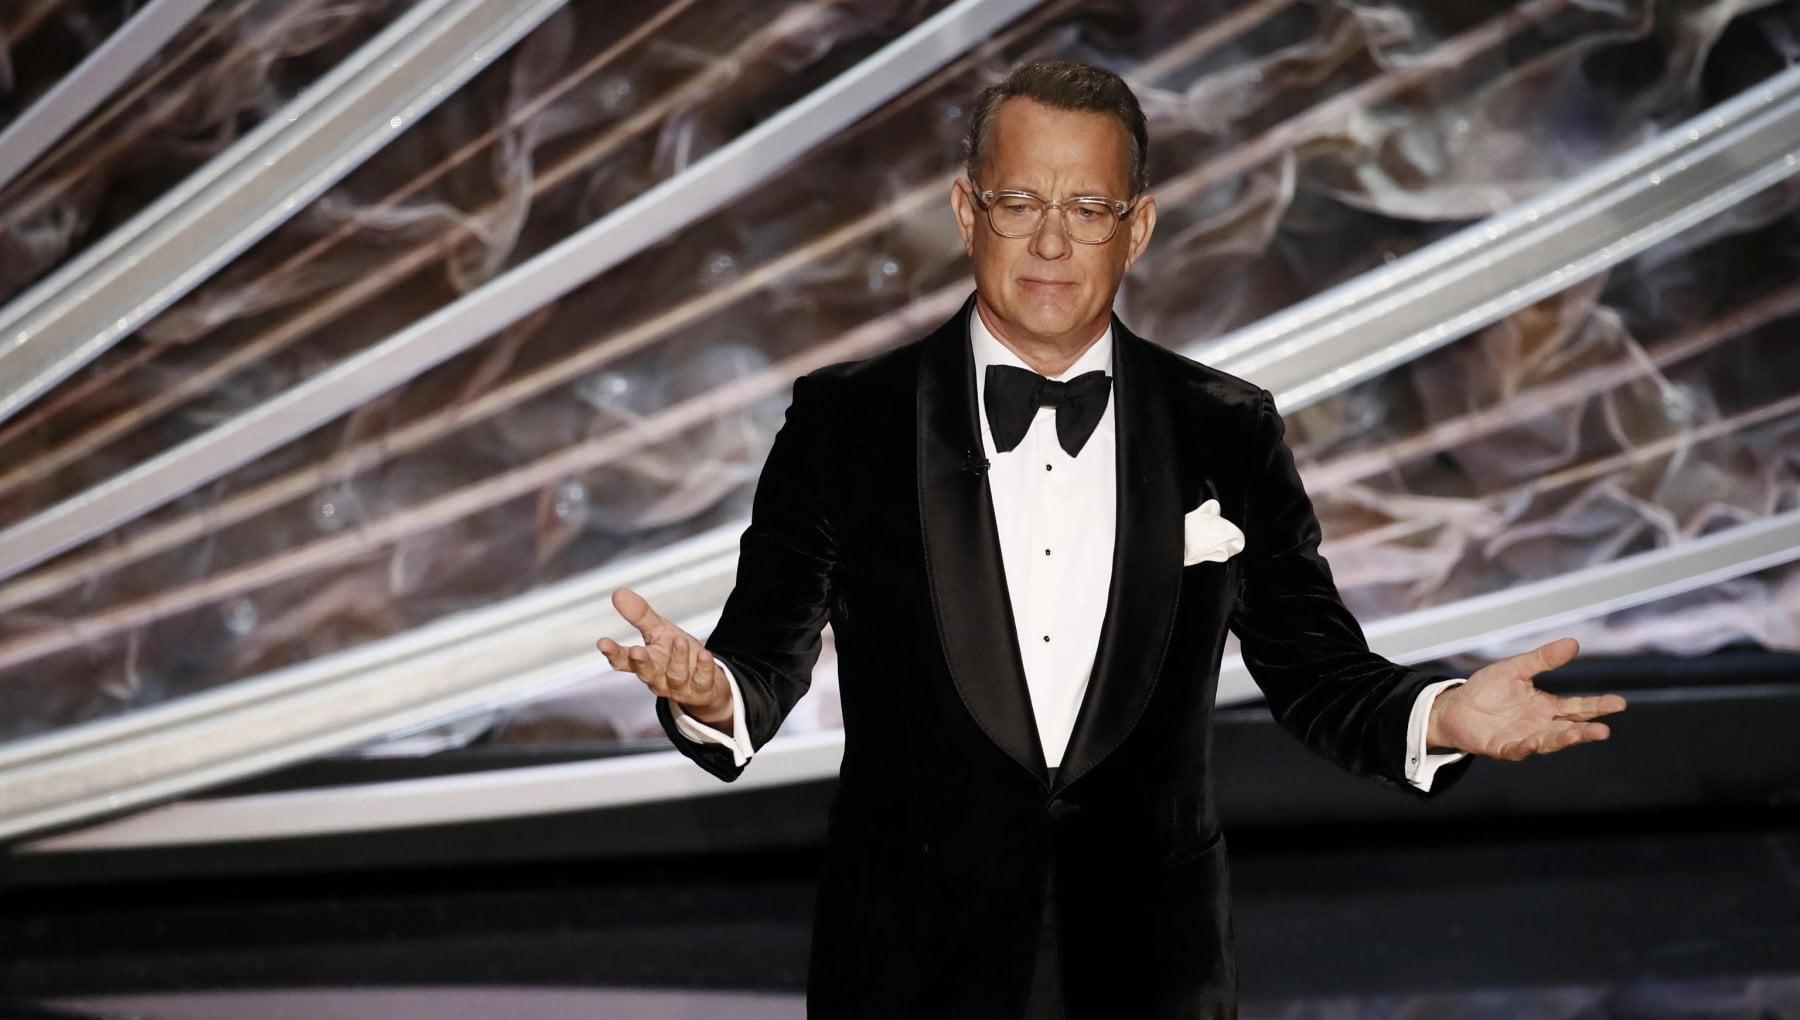 215133554 d6bec954 c90c 4211 9215 f658e4a61fbe - Usa, lo show tv di Tom Hanks per Biden e Harris il giorno dell'insediamento